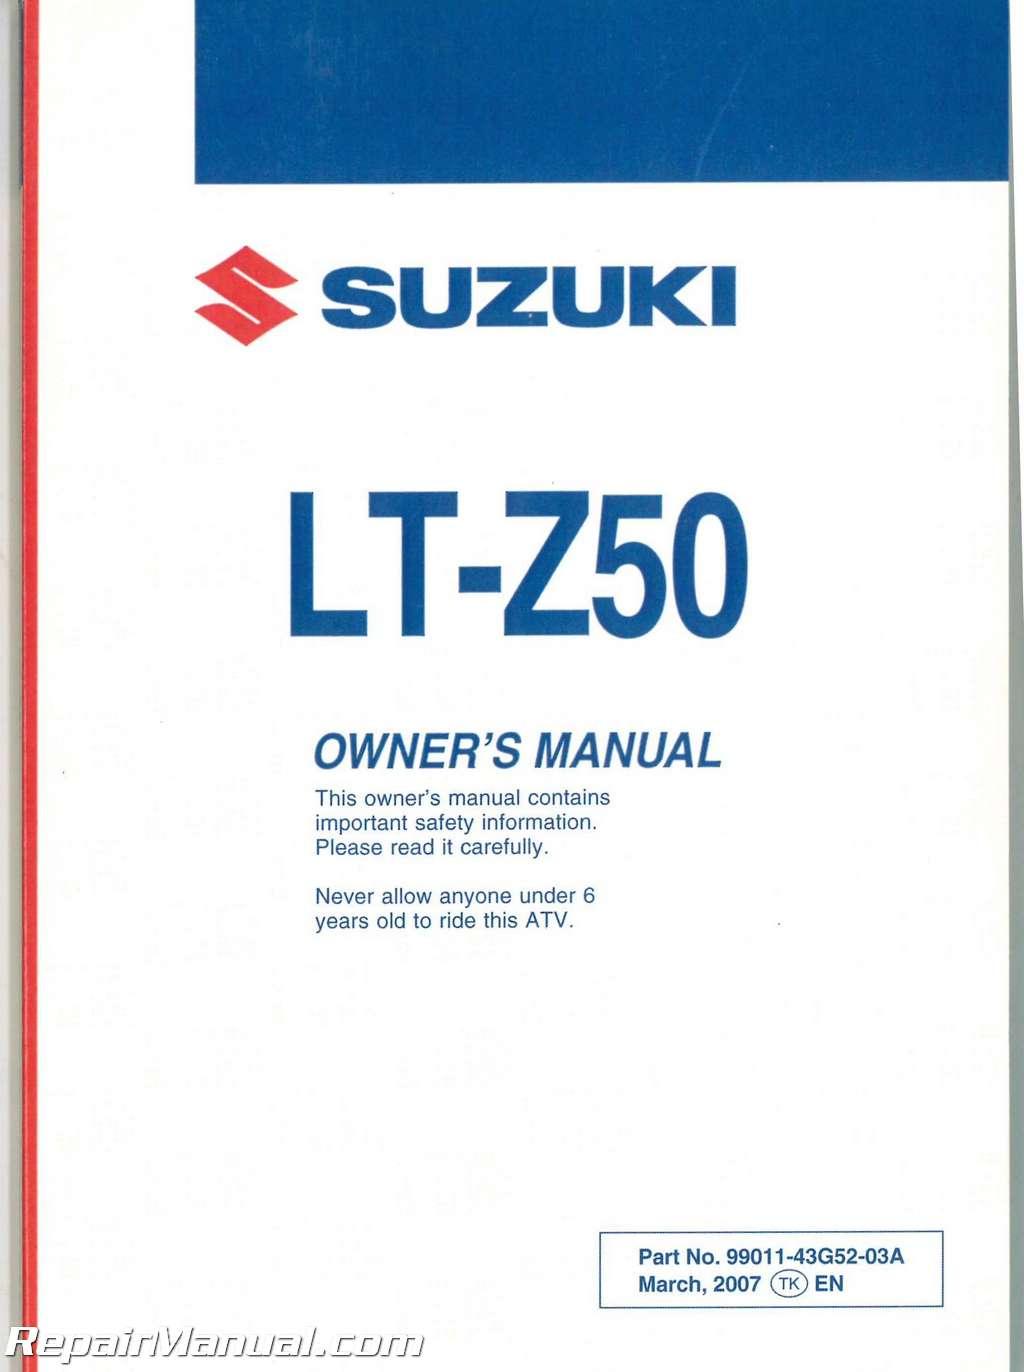 2006 2008 suzuki lt z50 quadsport atv owners manual rh repairmanual com suzuki atv owners manuals free download suzuki atv service manual free download